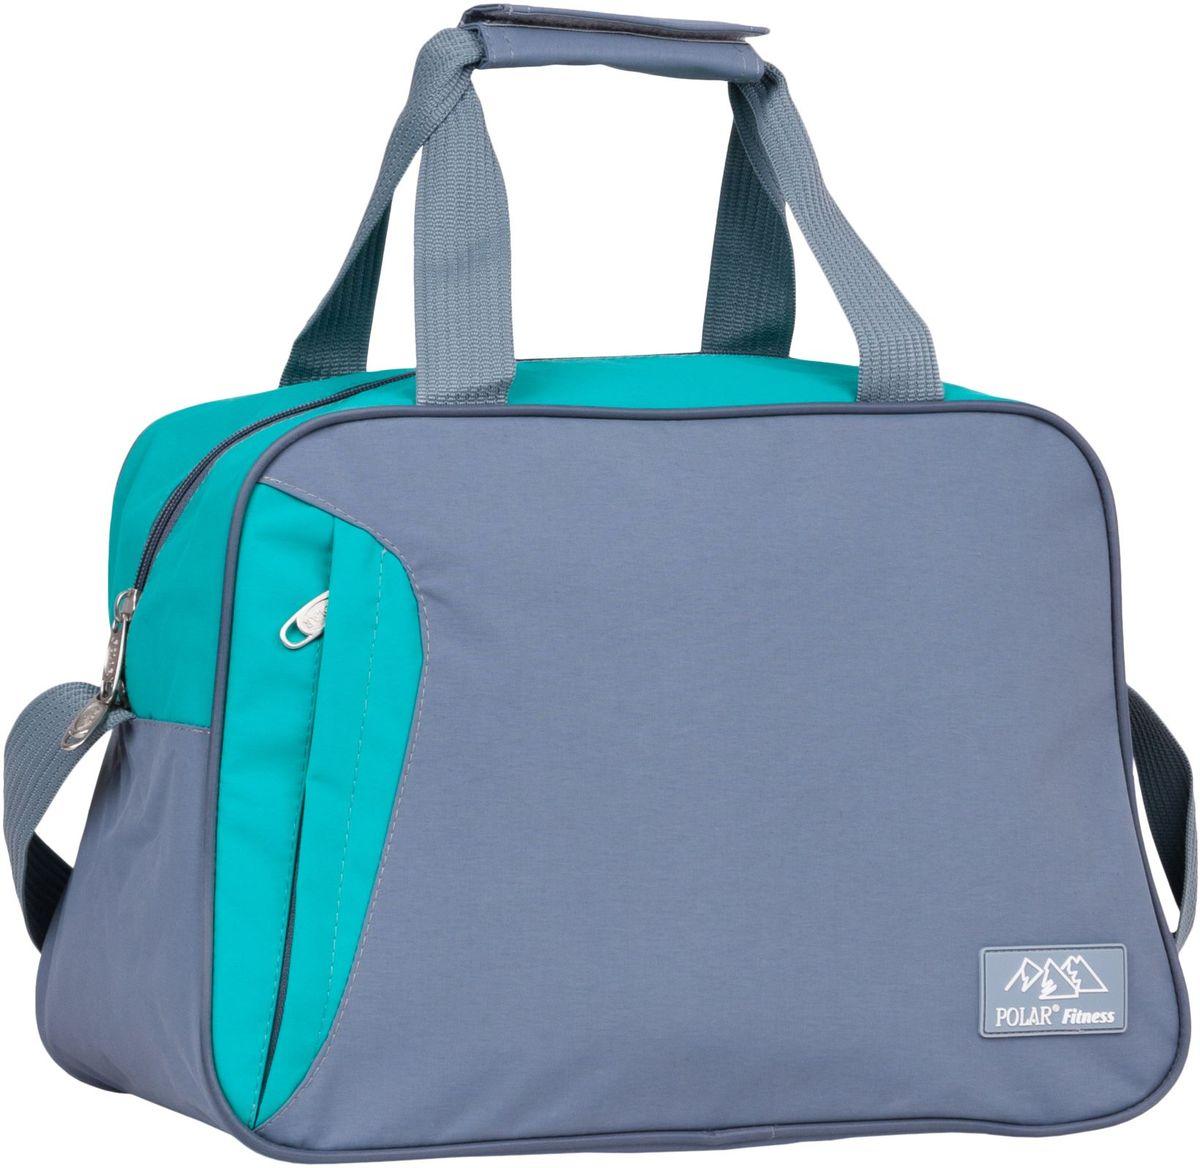 Сумка спортивная Polar, цвет: серый, бирюзовый, 30 л. П7071 сумка спортивная easy camp denver denim 30 л